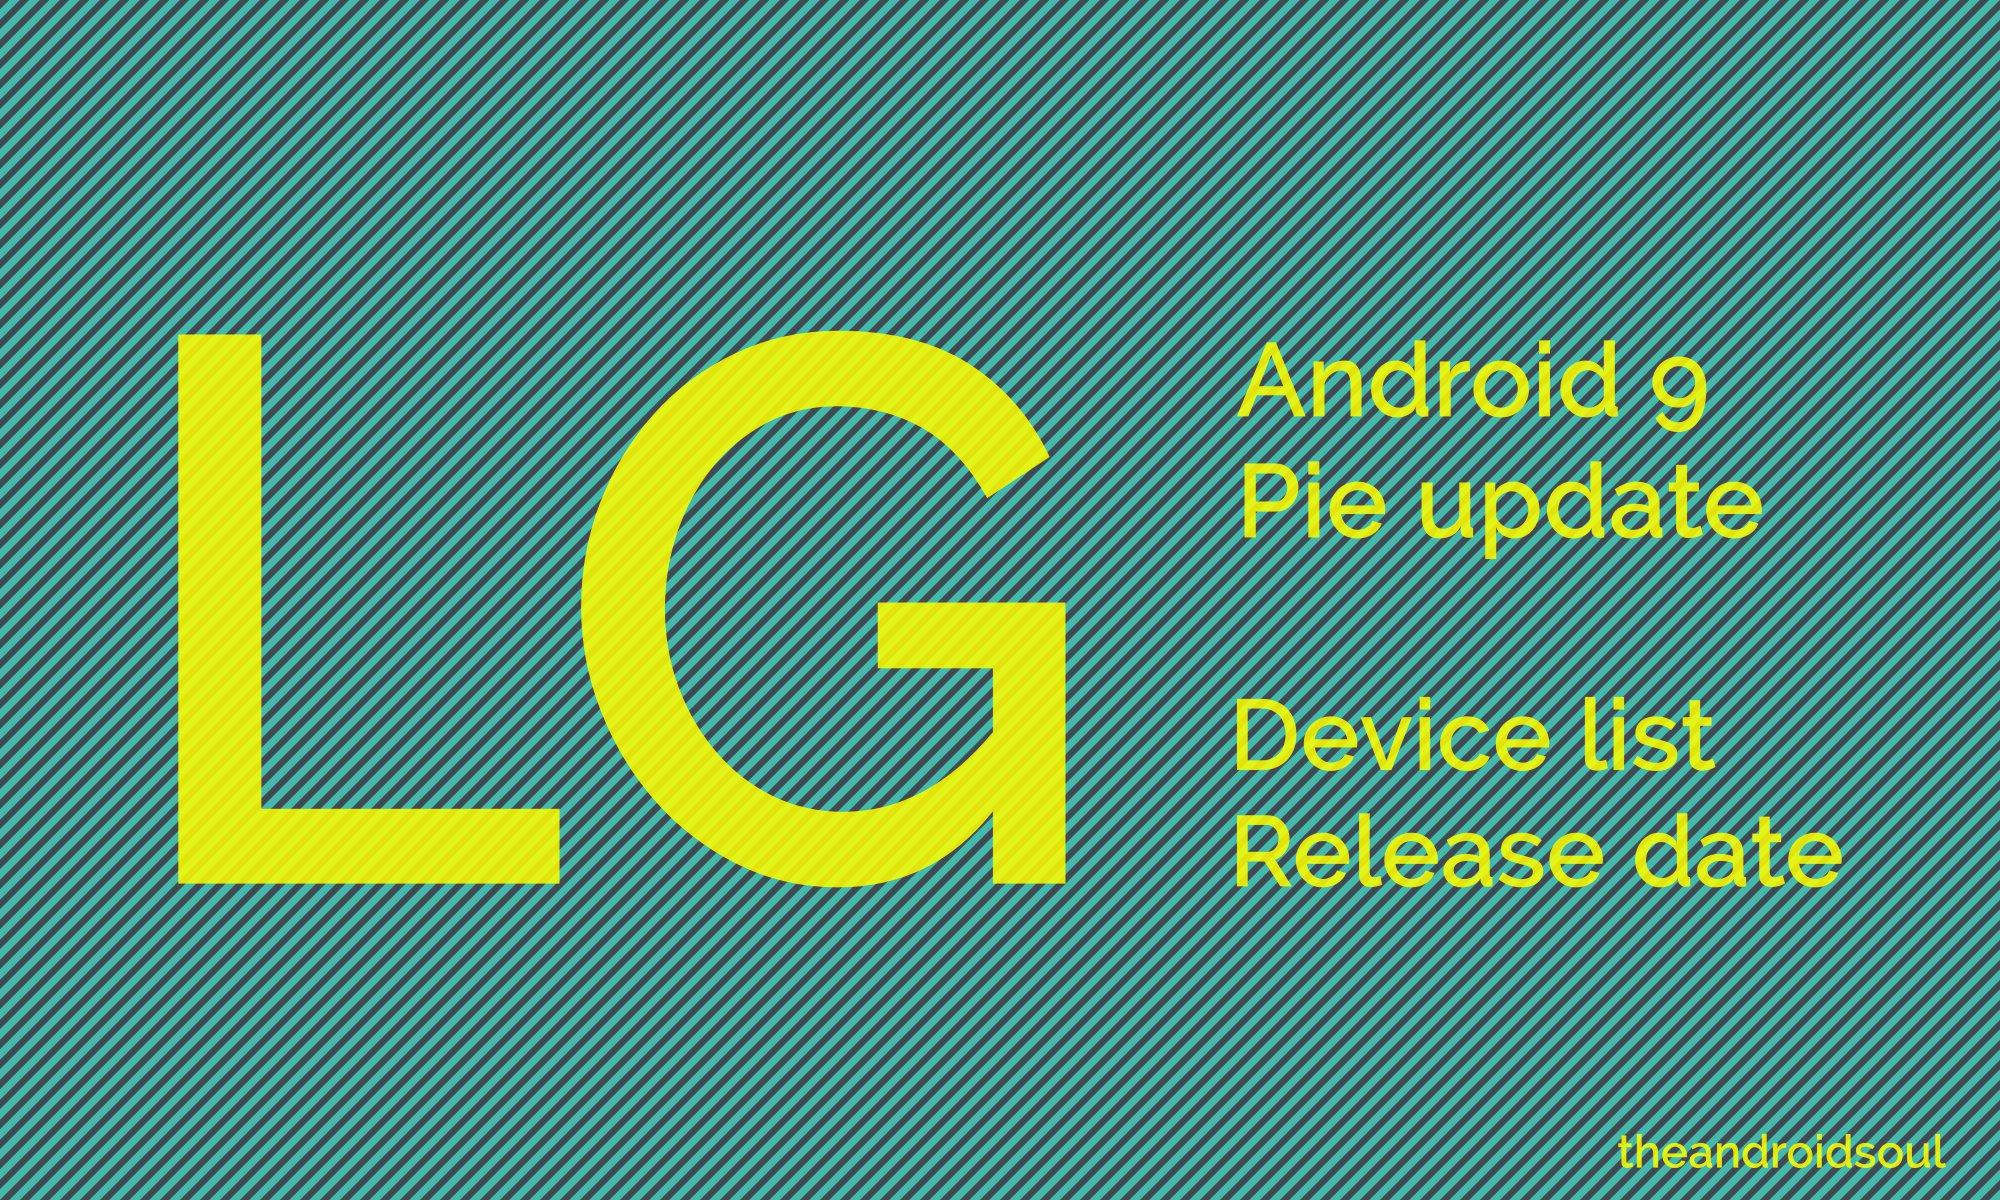 LG Pie update device list